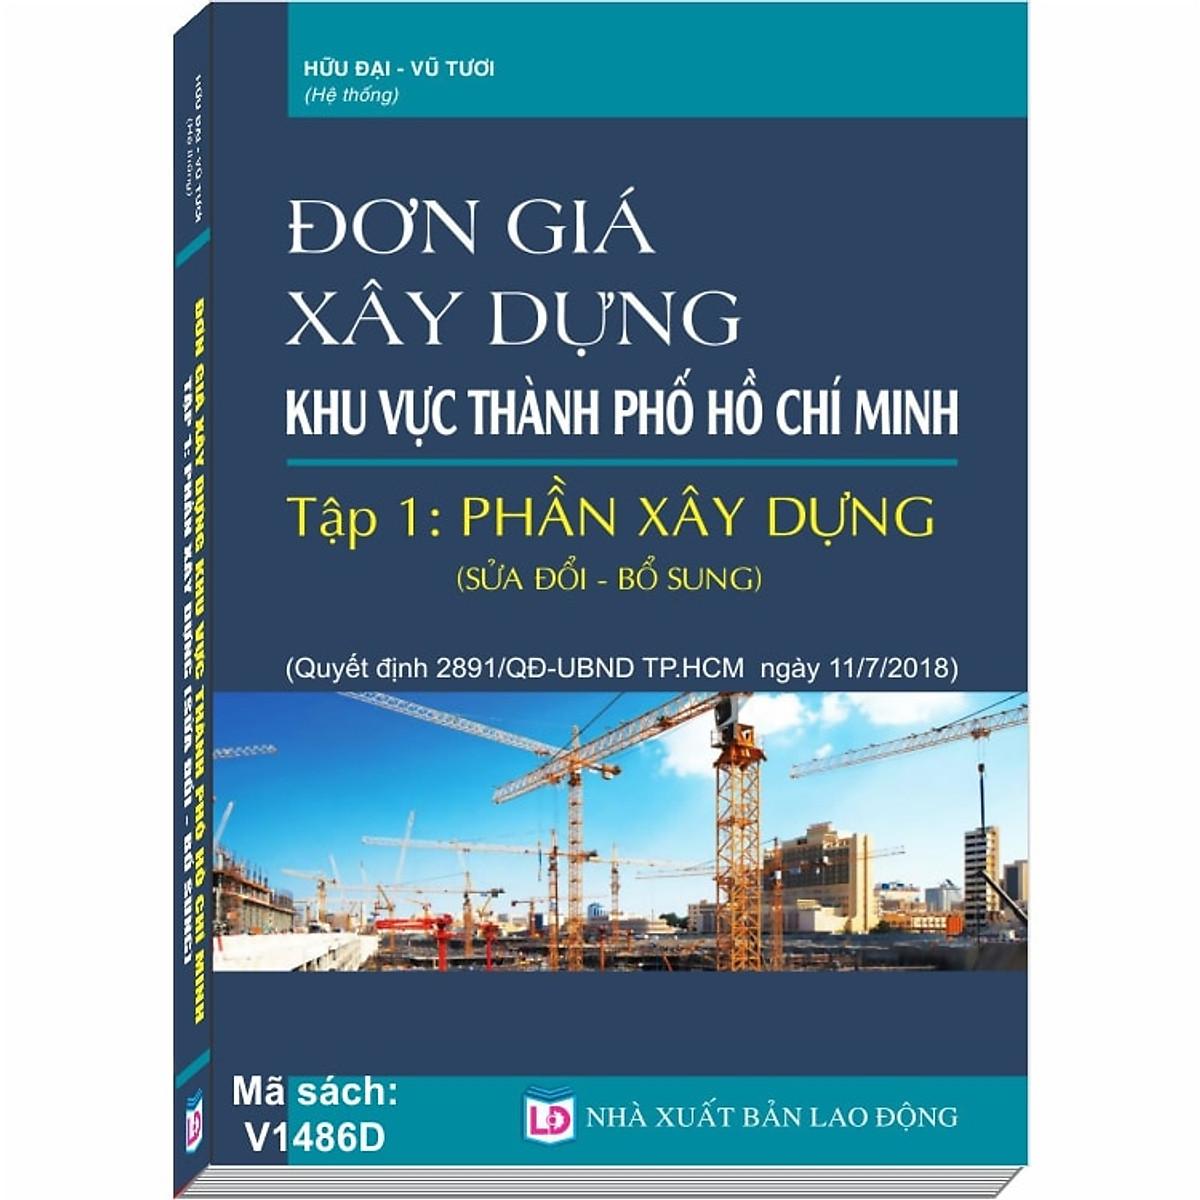 Hình đại diện sản phẩm Đơn Giá Xây Dựng khu vực Thành Phố Hồ Chí Minh, Tập 1: Phần Xây Dựng sửa đổi, bổ sung (Quyết định số 2891/QĐ-UBND ngày 11/07/2018 của UBND TP. Hồ Chí Minh)